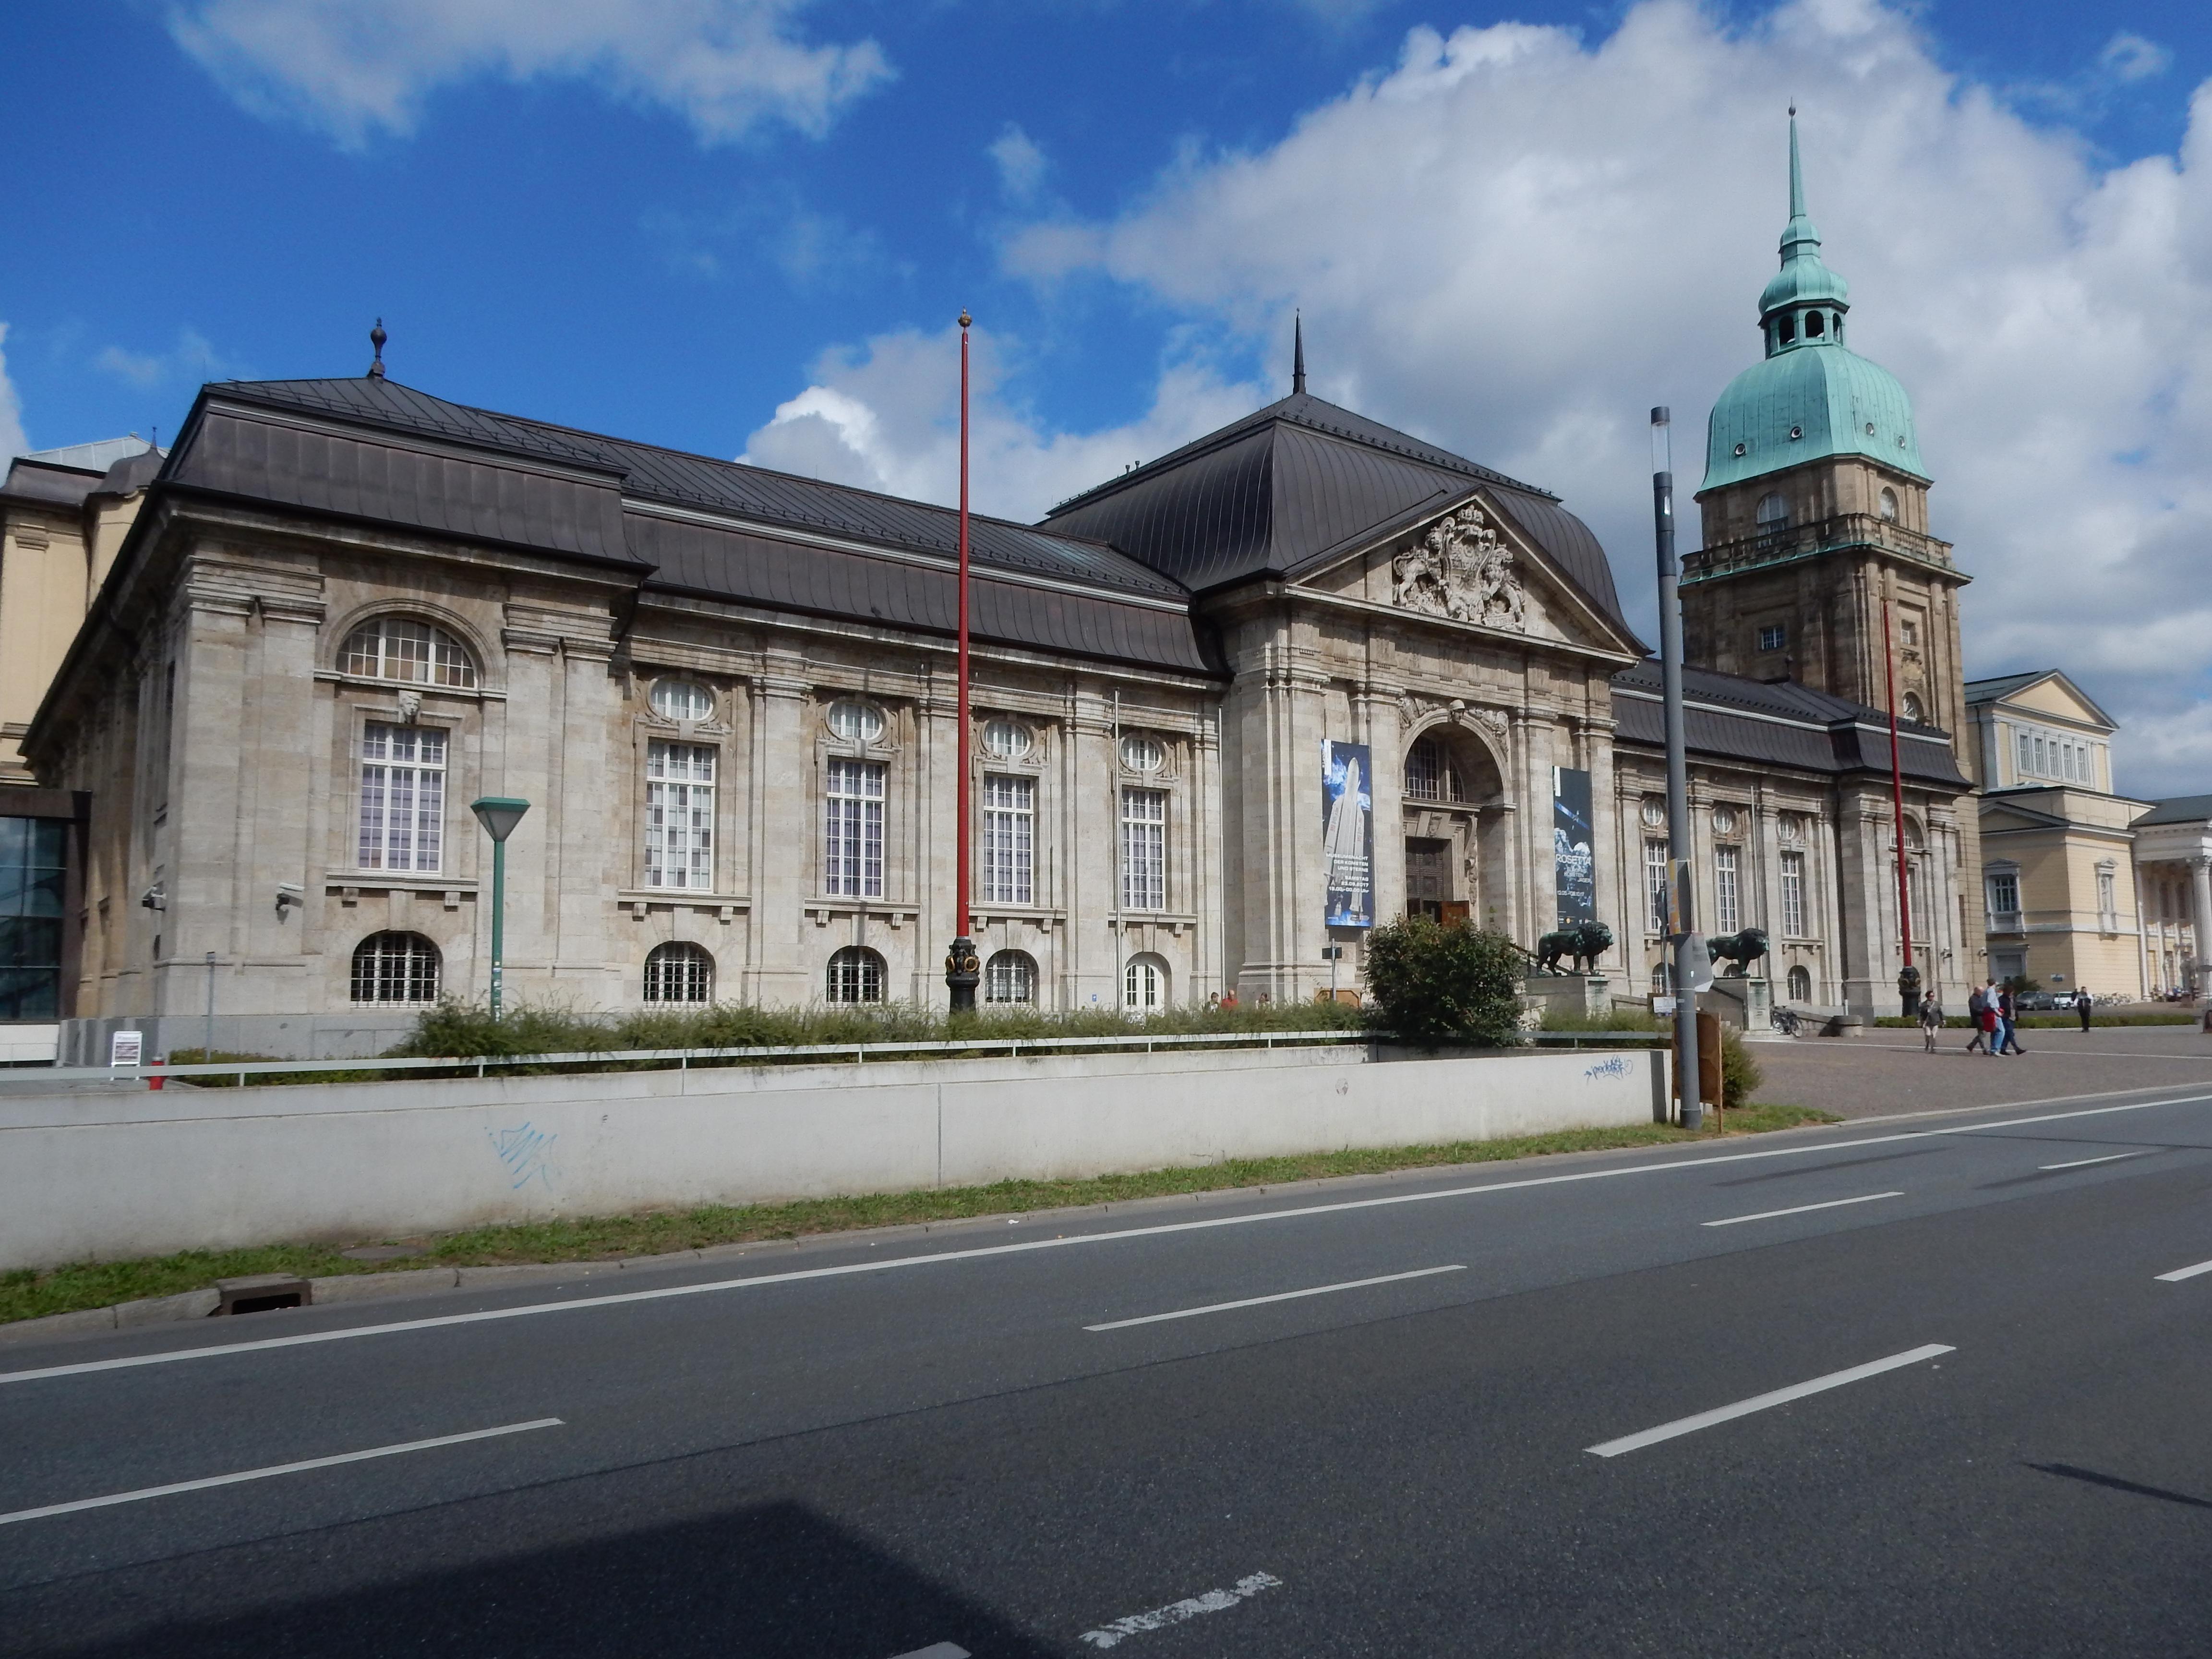 Hessisches Landesmuseum Darmstadt, 10 september 2017. Foto met dank aan Coert Peter Krabbe©